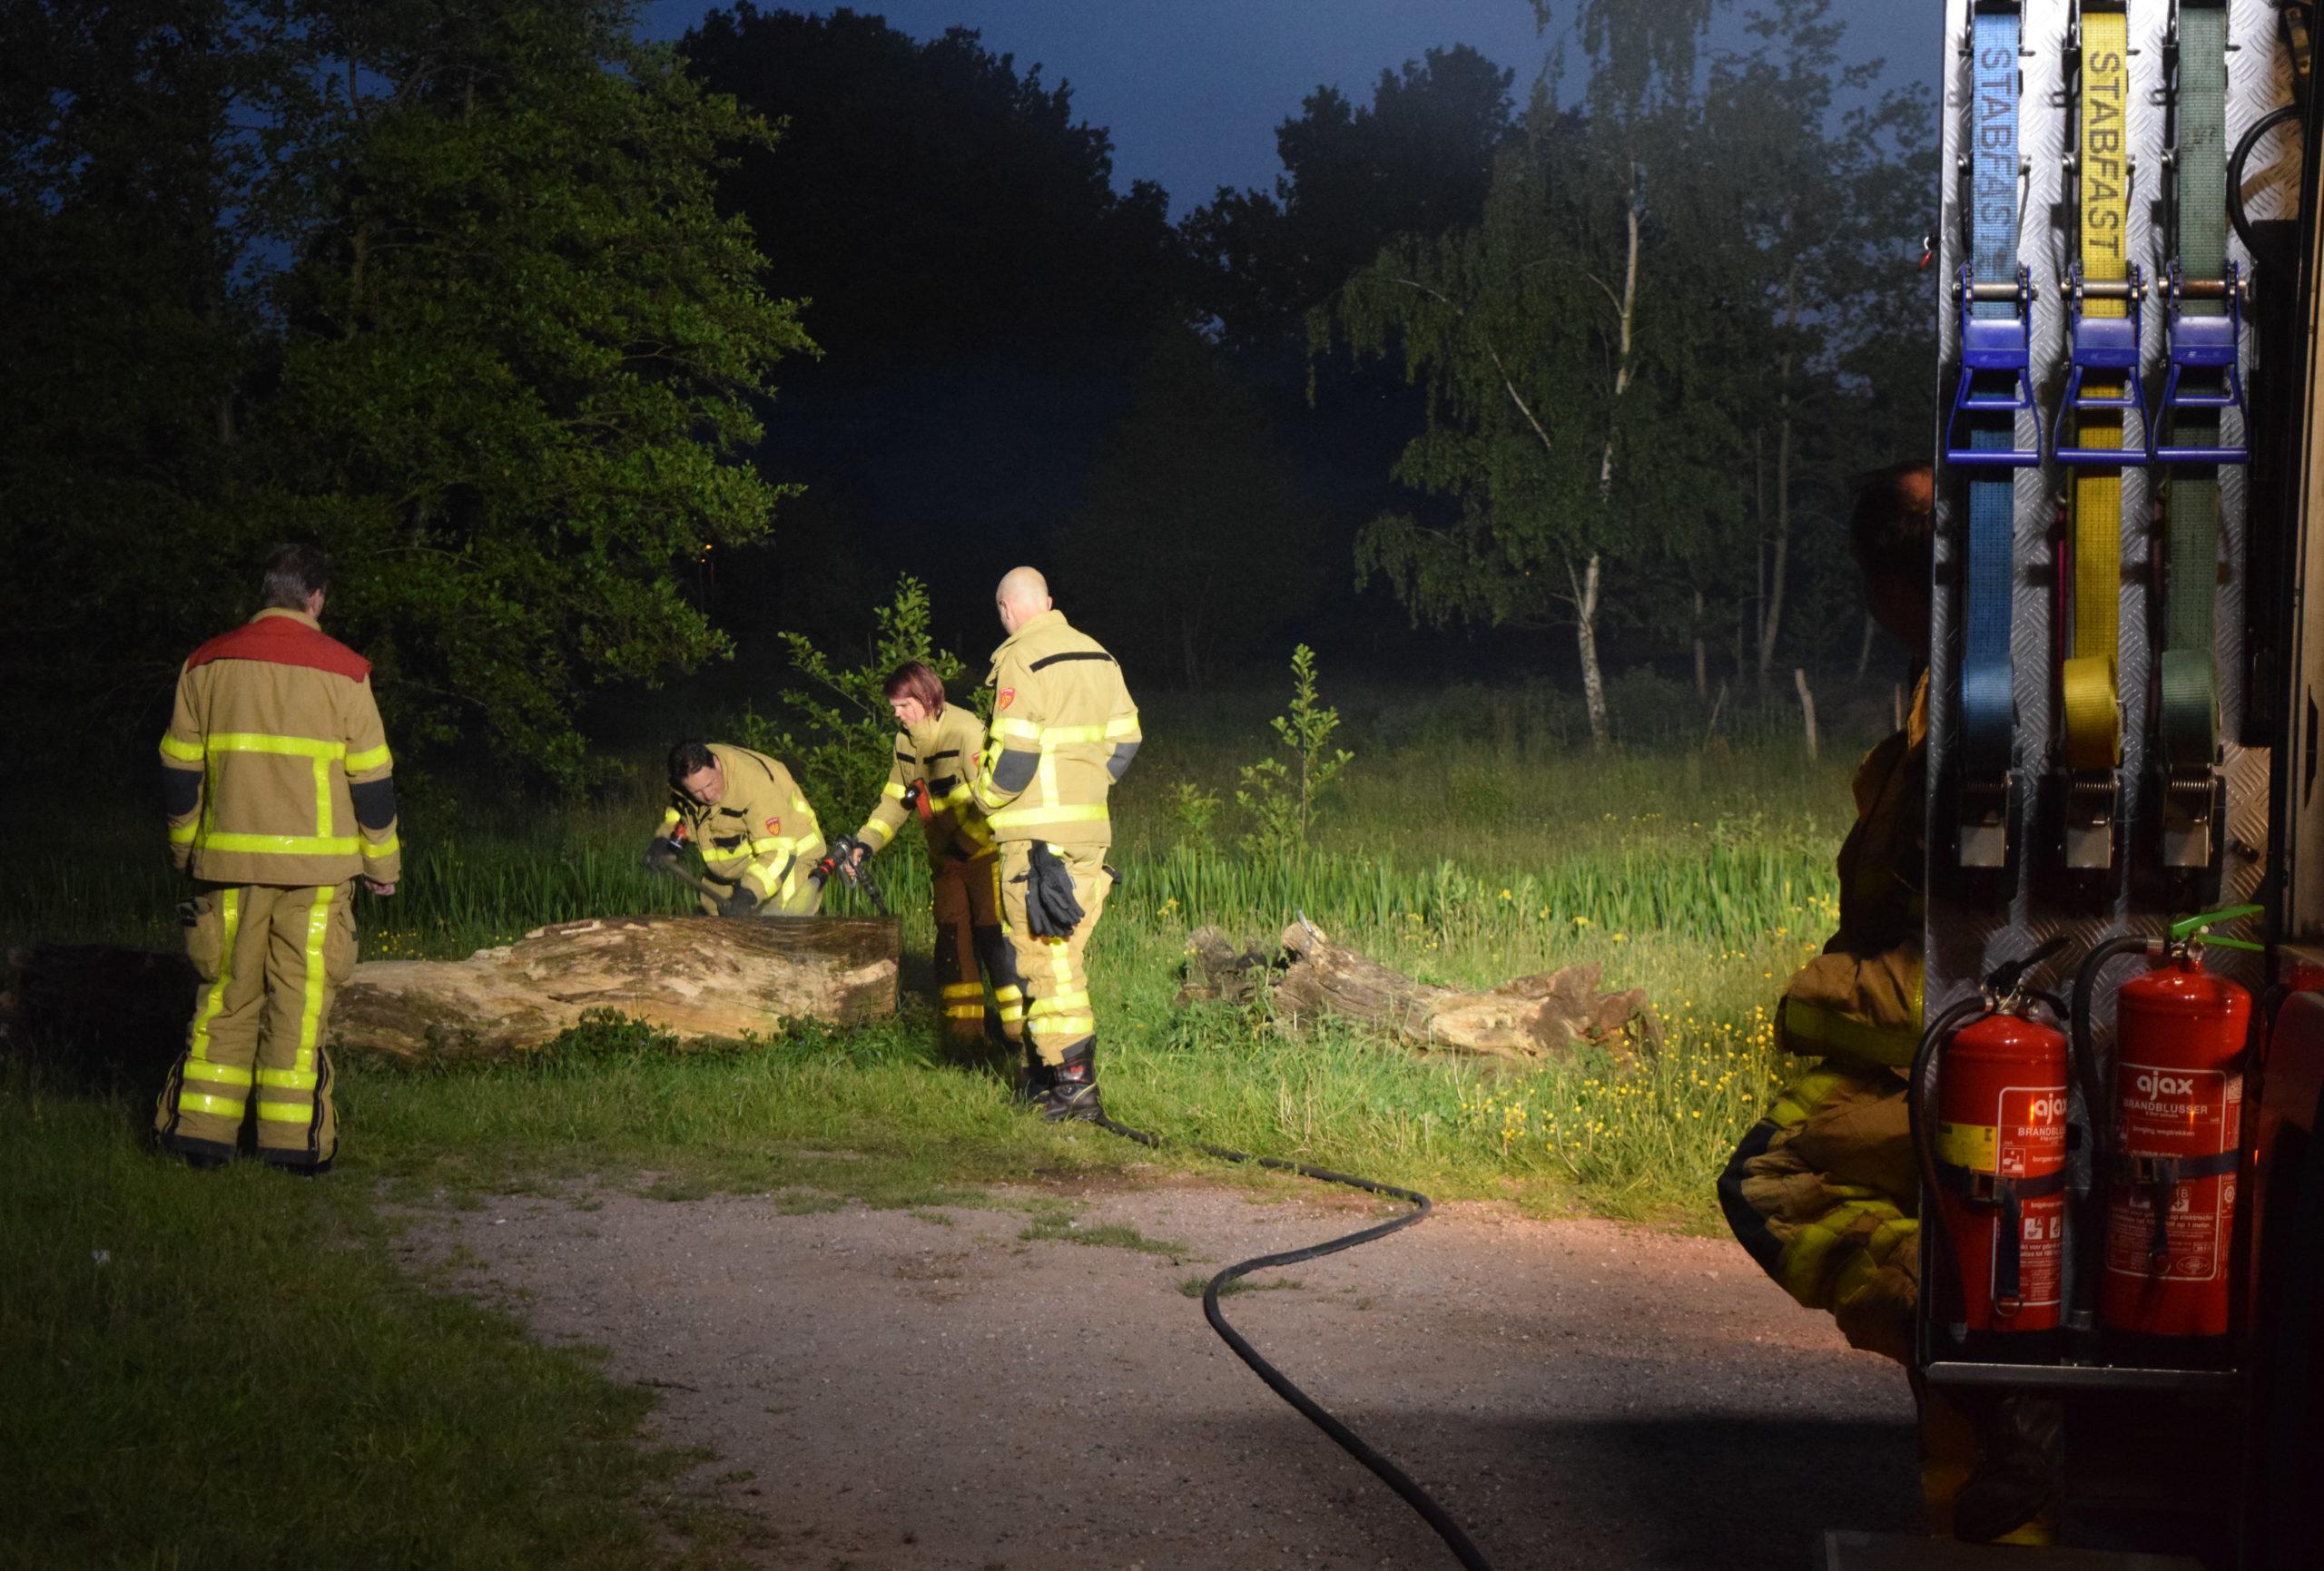 Smeulend brandje in boomstam bij een parkje.